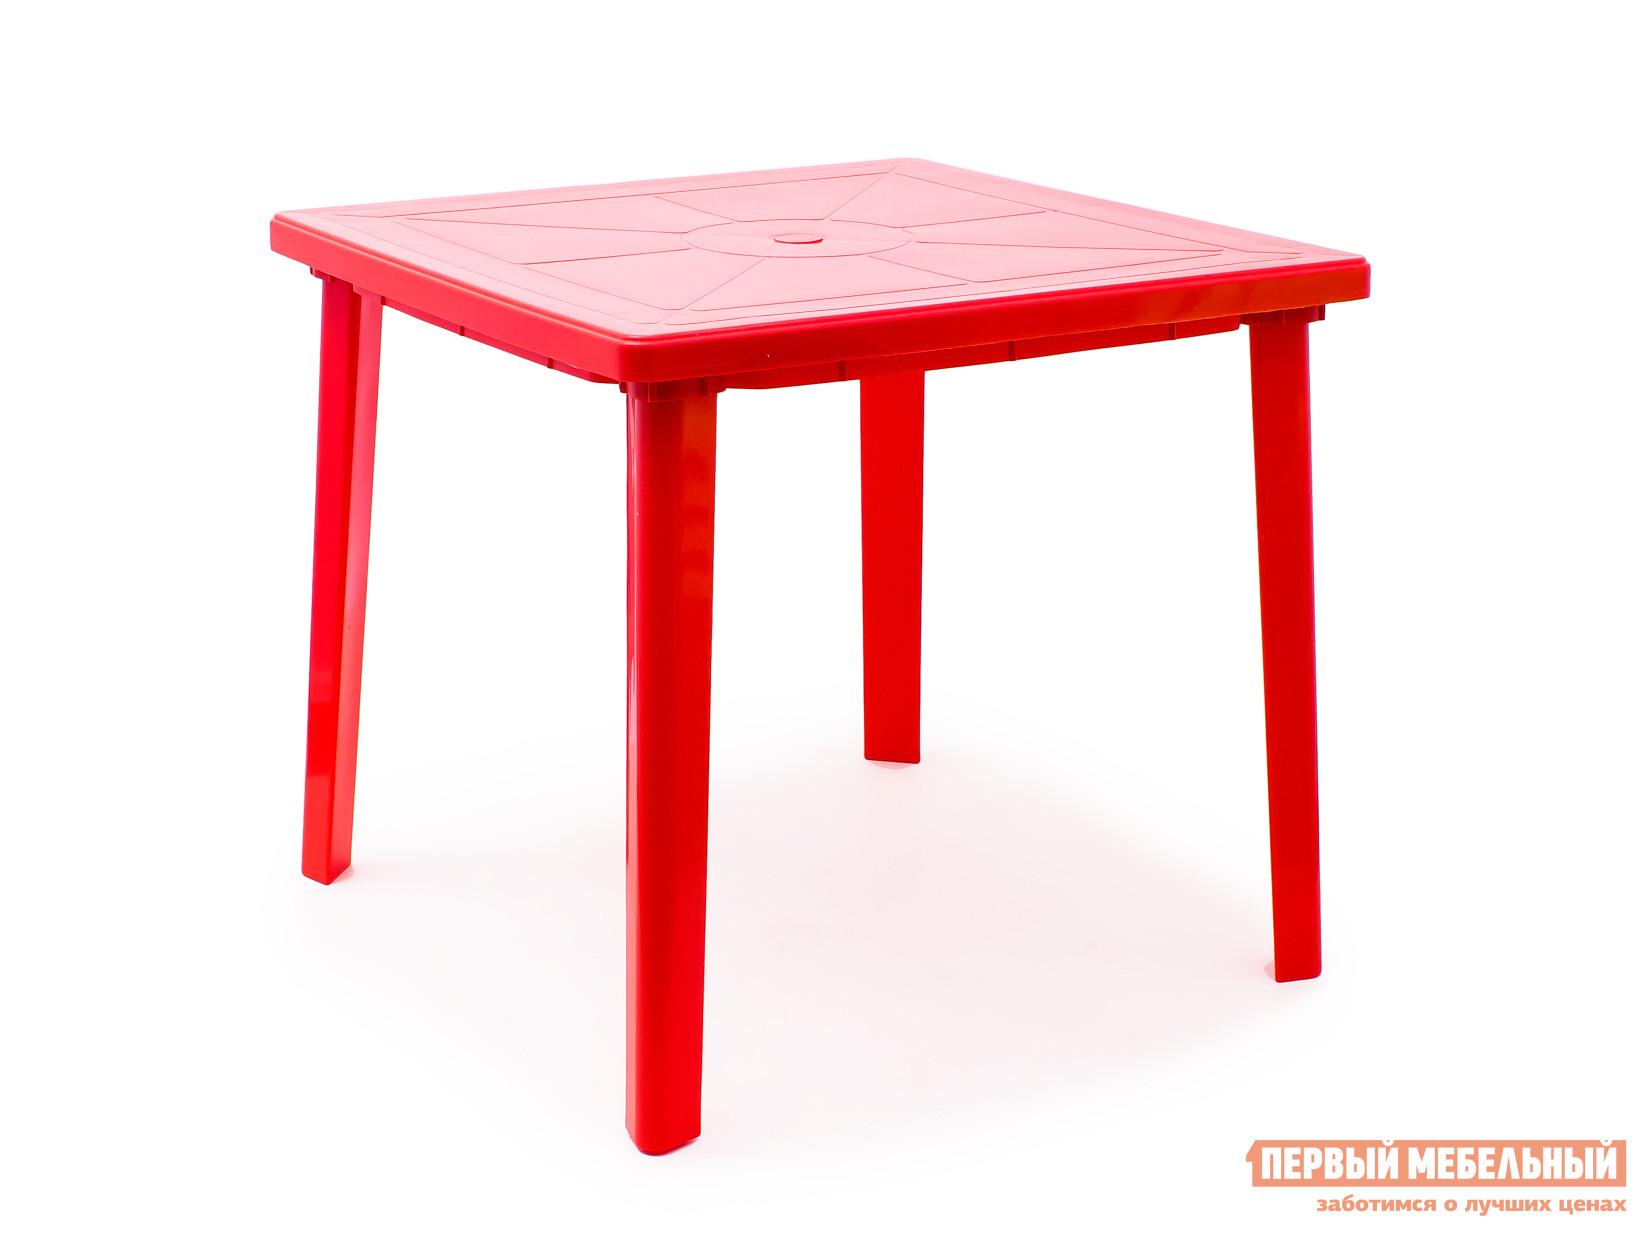 Пластиковый стол Стандарт Пластик Стол квадратный (800х800х710) КрасныйПластиковые столы<br>Габаритные размеры ВхШхГ 710x800x800 мм. Пластиковый квадратный стол удобный и легкий, выполнен в лаконичном стиле.  Стол отличается прочностью и надежен в эксплуатации.  Дизайн мебельного изделия разработан так, что его легко сочетать с другой мебелью.  Так же конструкцией стола предусмотрено отверстие для зонта с заглушкой.   Мебельные изделия из пластика демократичны, хорошо подходят для меблировки дачи, зоны отдыха или летнего кафе.  Пластиковая мебель не боится перепадов температур, повышенной влажности.  Такая мебель станет верным союзником в комфортном и гармоничном отдыхе.<br><br>Цвет: Красный<br>Высота мм: 710<br>Ширина мм: 800<br>Глубина мм: 800<br>Кол-во упаковок: 1<br>Форма поставки: В разобранном виде<br>Срок гарантии: 1 год<br>Форма: Квадратные<br>Размер: Маленькие